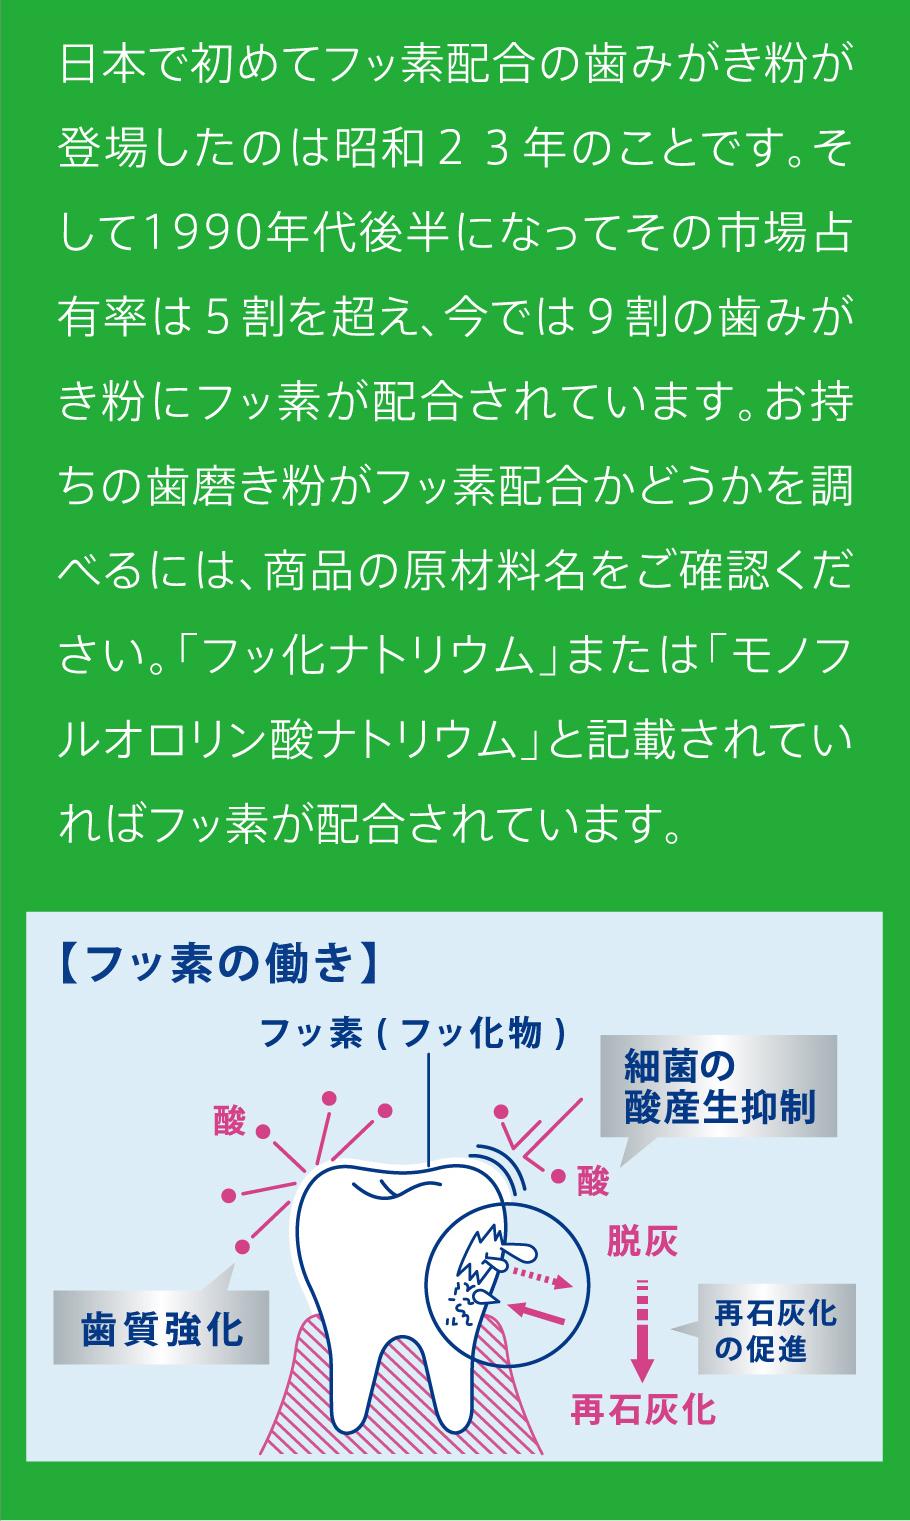 日本で初めてフッ素配合の歯みがき粉が登場したのは昭和23年のことです。そして1990年代後半になってその市場占有率は5割を超え、今では9割の歯みがき粉にフッ素が配合されています。お持ちの歯磨き粉がフッ素配合かどうかを調べるには、商品の原材料名をご確認ください。「フッ化ナトリウム」または「モノフルオロリン酸ナトリウム」と記載されていればフッ素が配合されています。